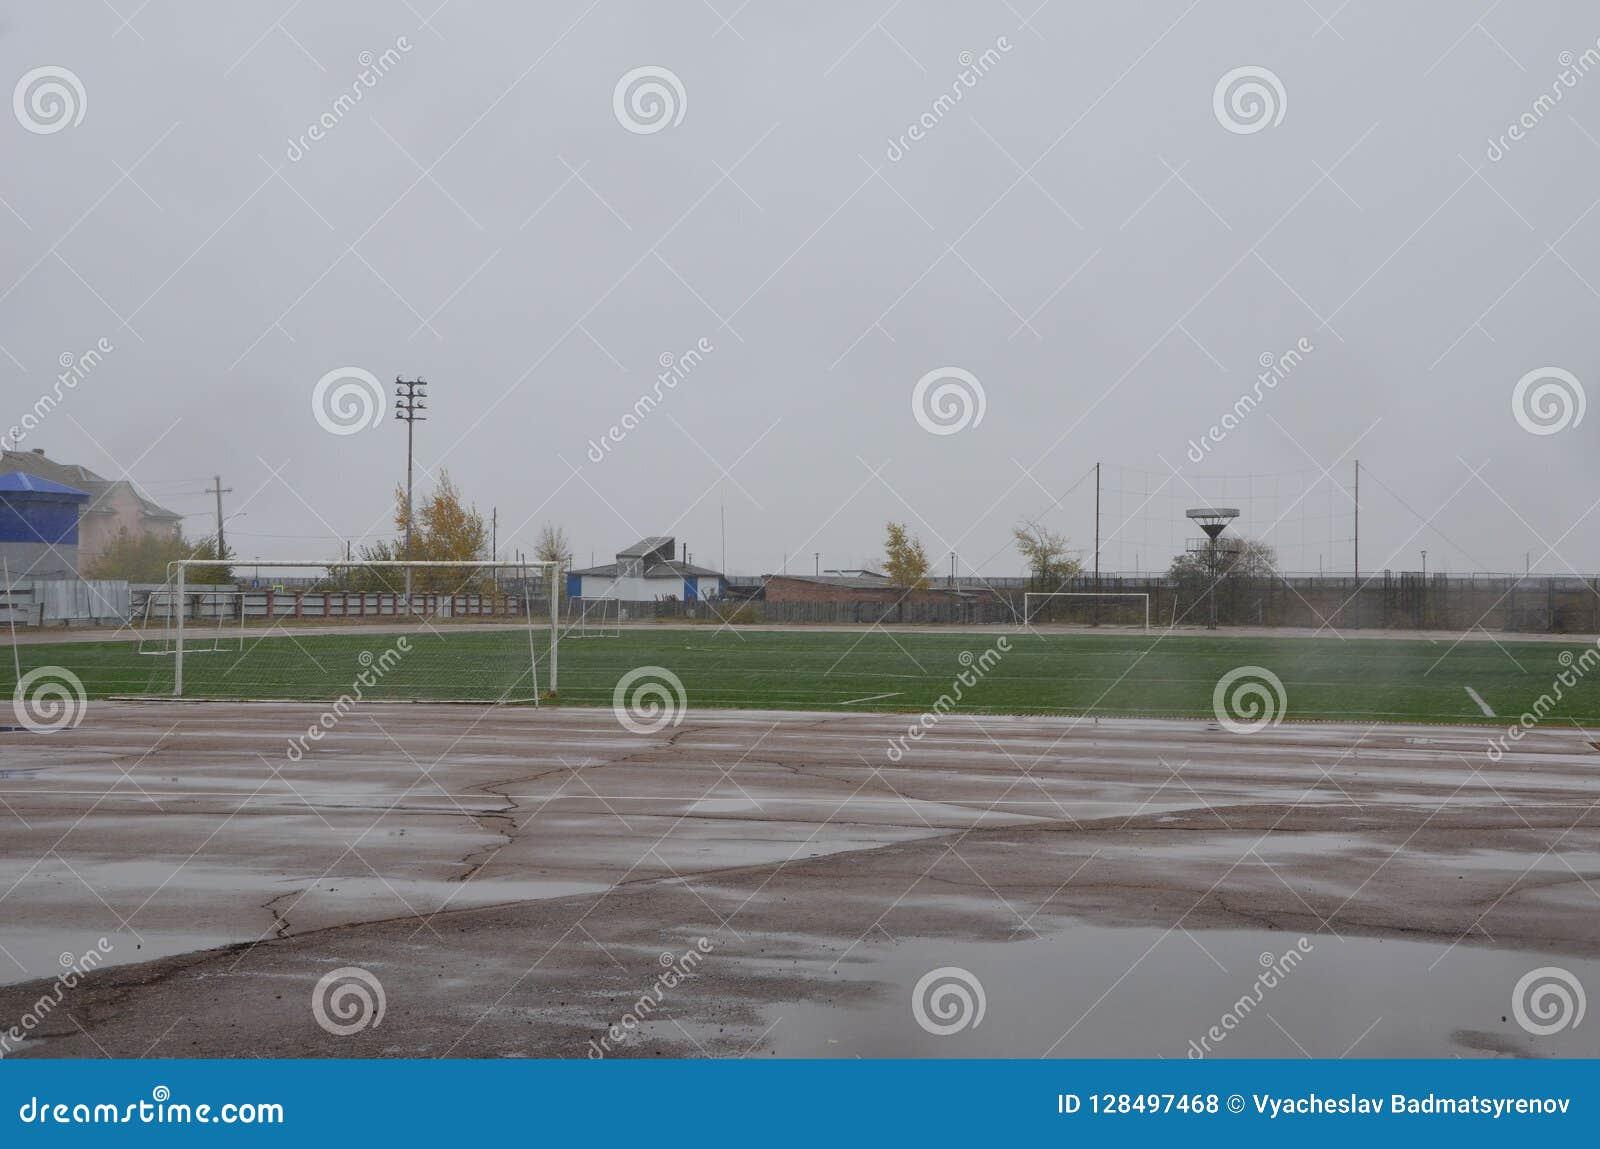 Football field in autumn